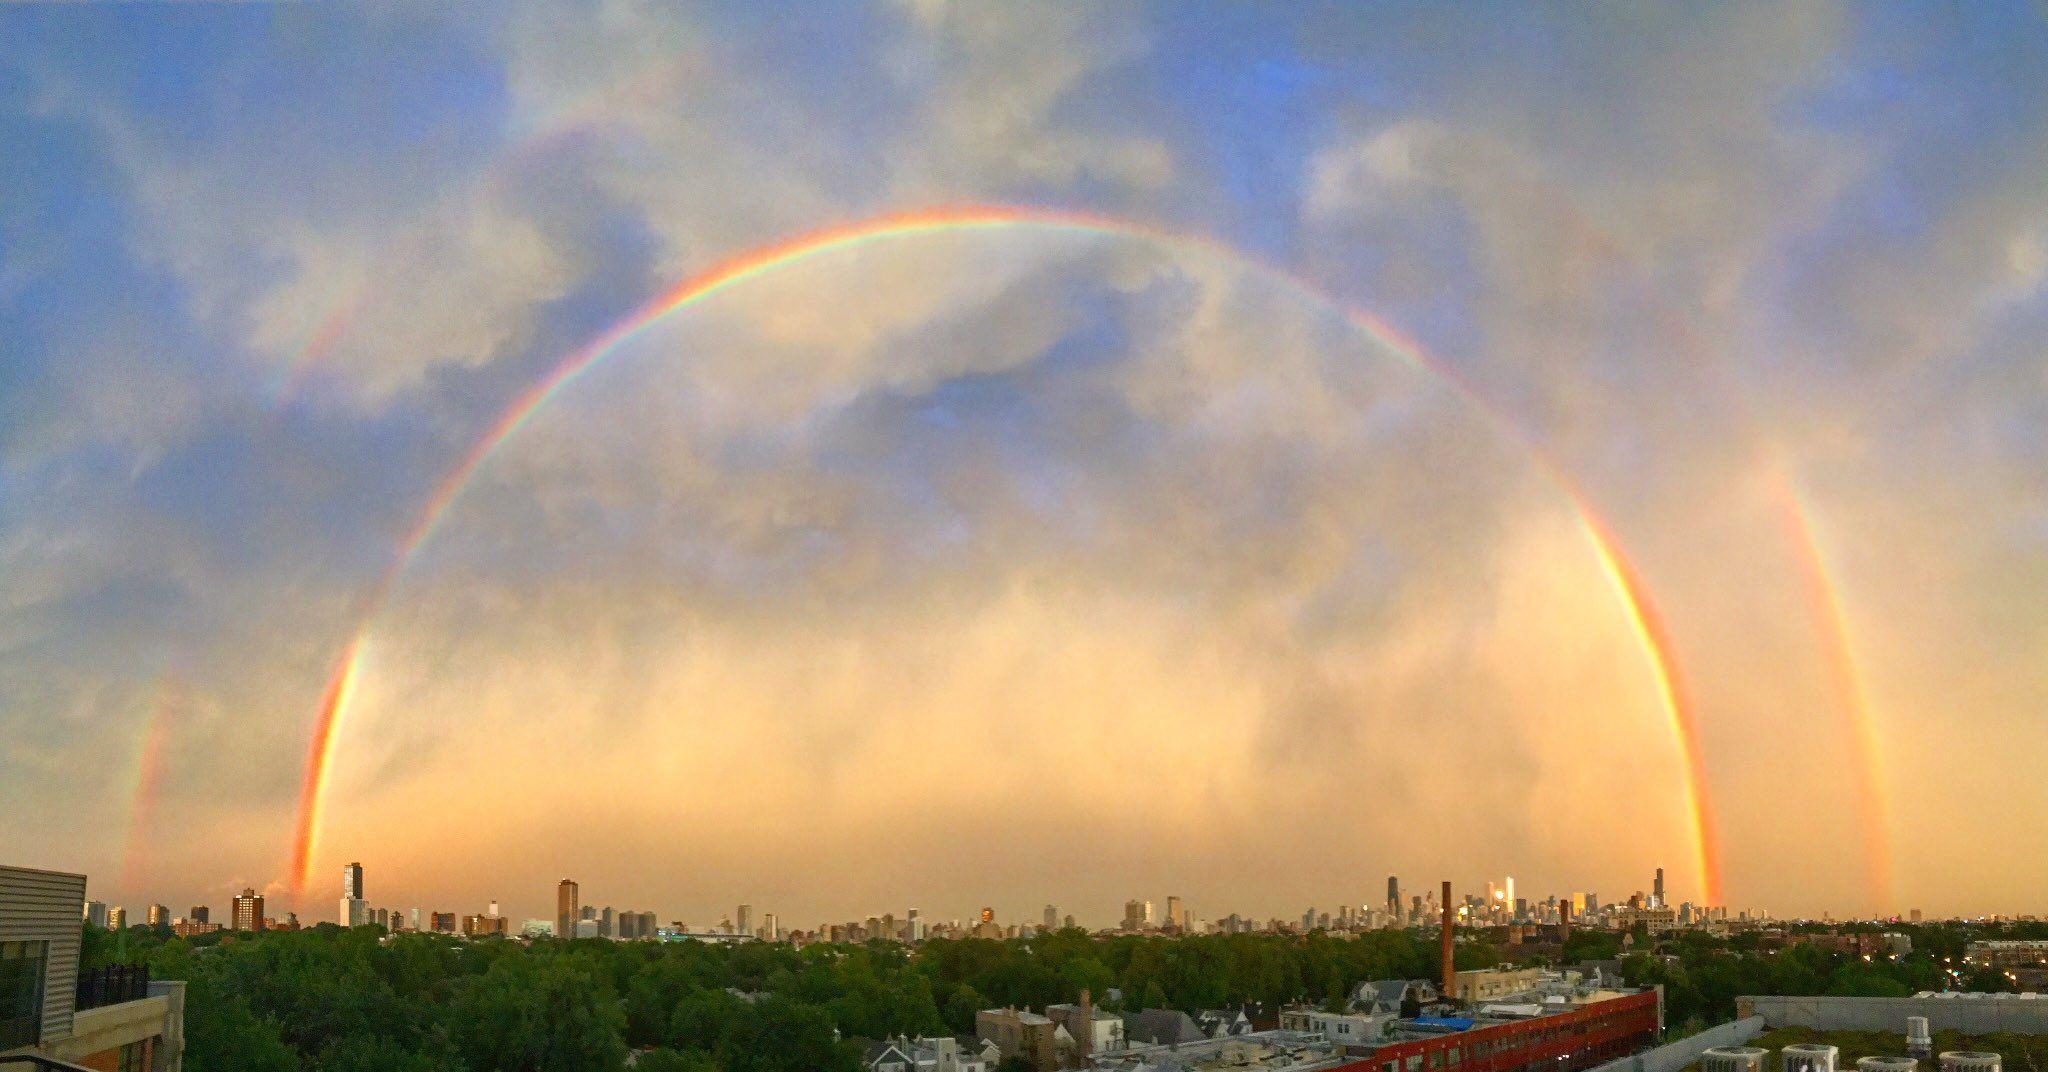 Lindo arco-íris duplo sobre a cidade de Chigago